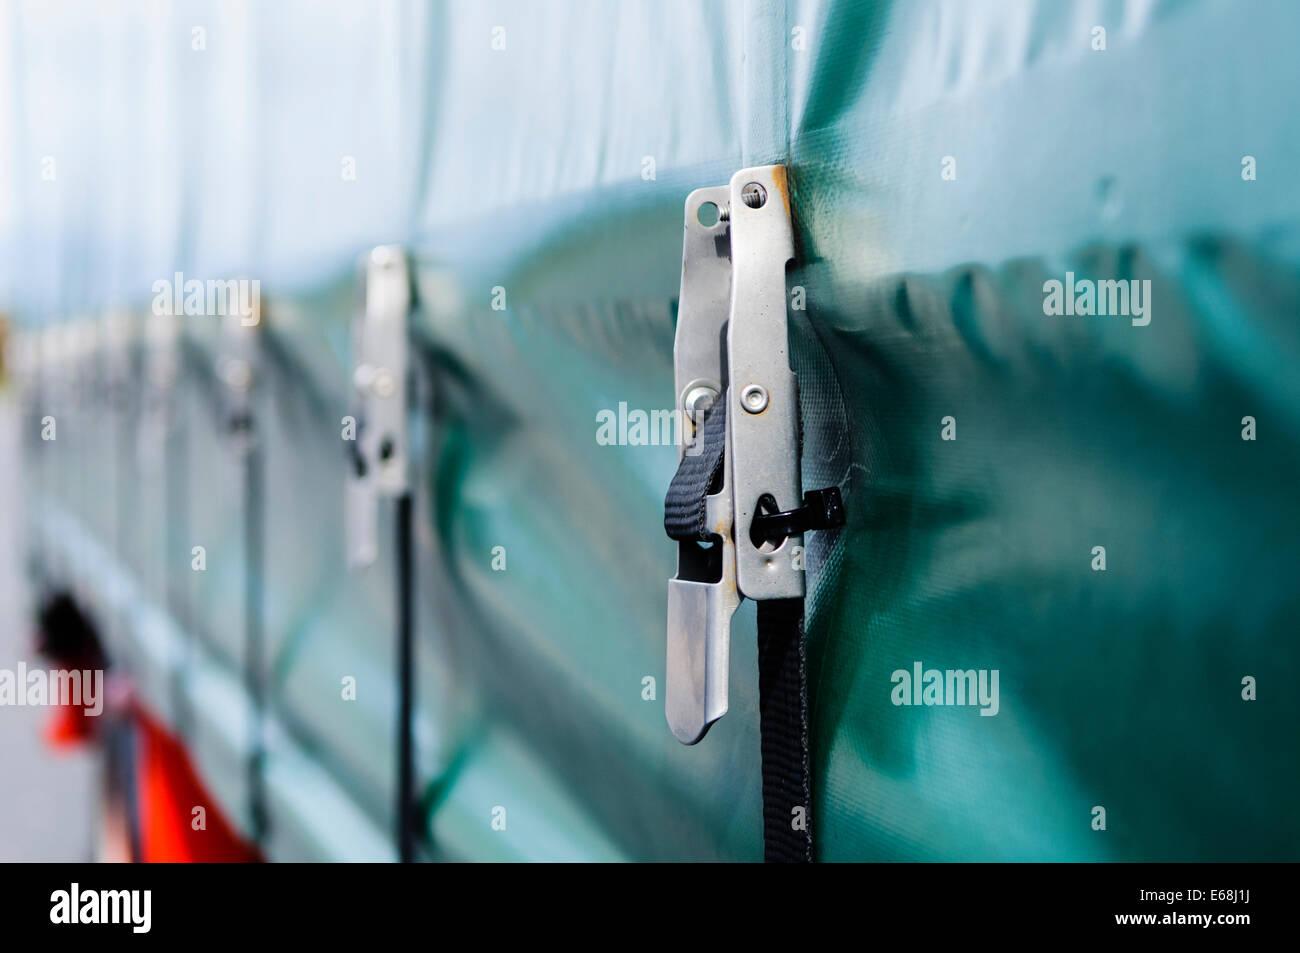 Tie-in giù le cinghie e i biscottini su una tenda facciate rimorchio (Tautliner) Immagini Stock